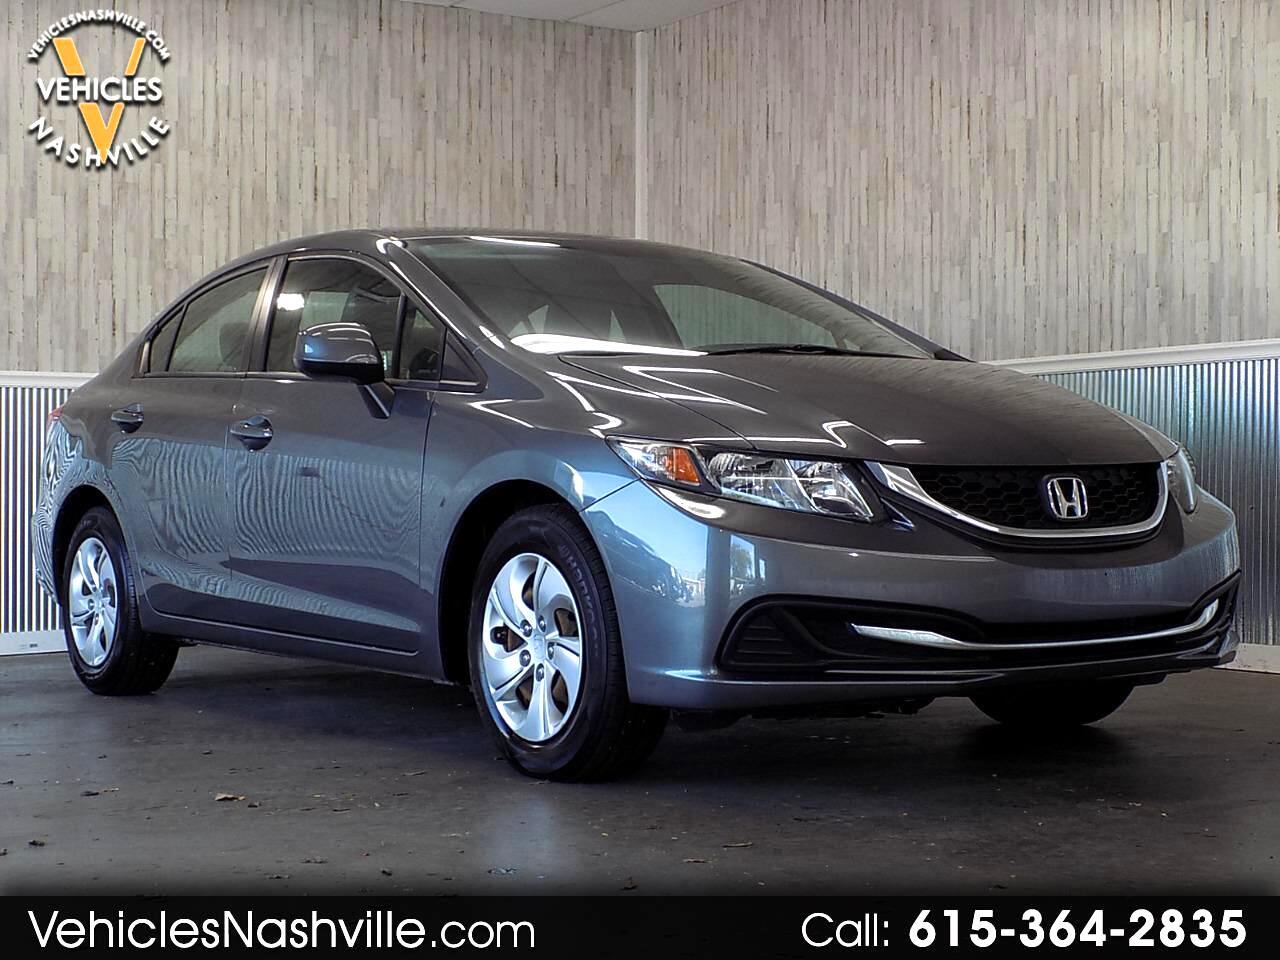 2013 Honda Civic LX Sedan 5-Speed MT